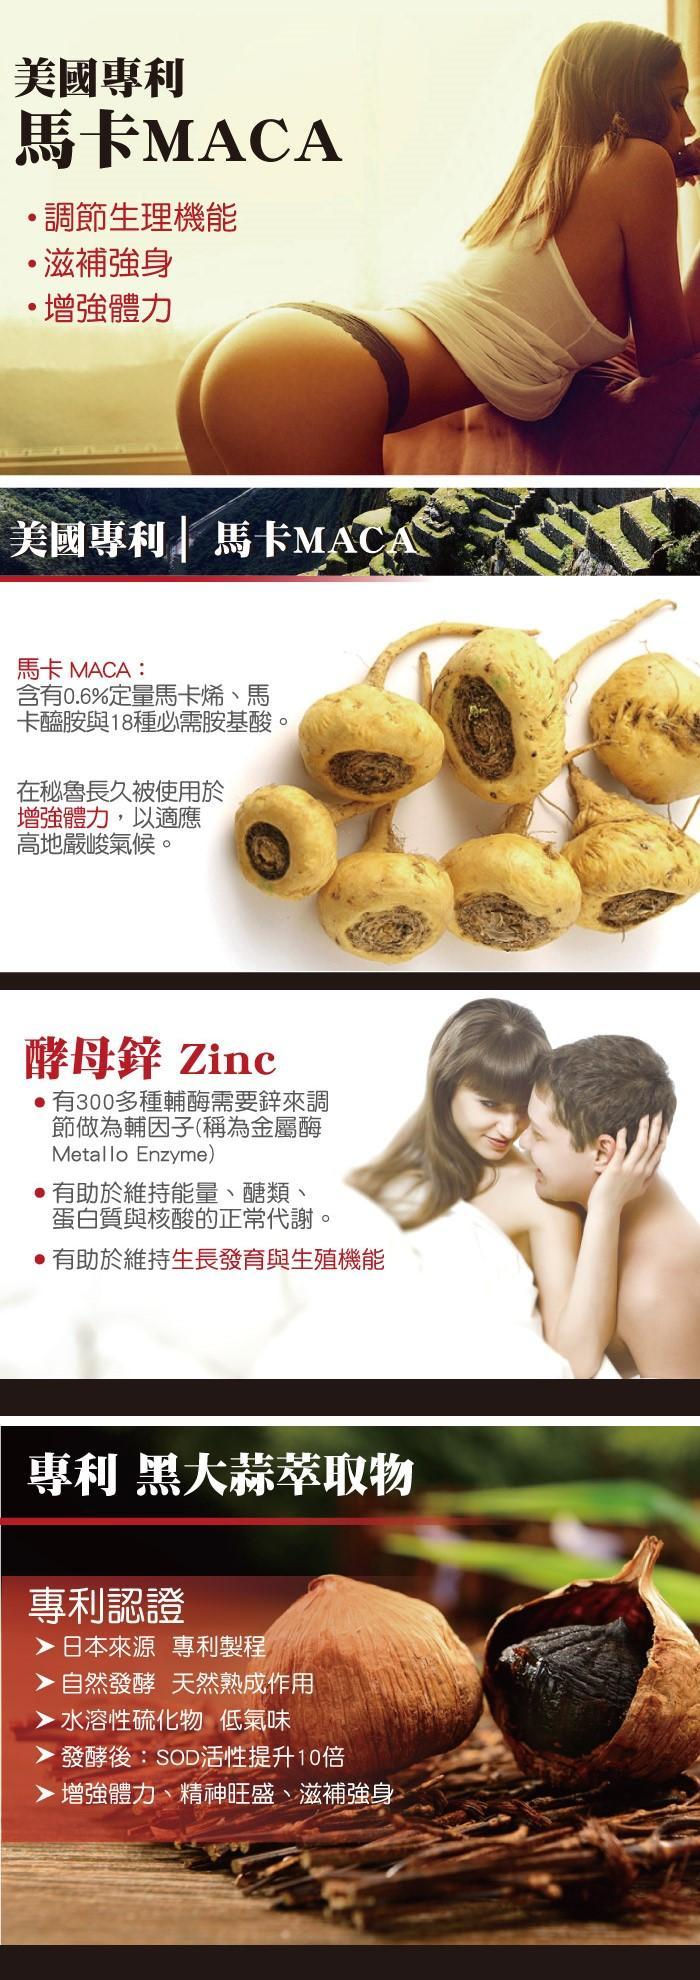 台灣康田-精胺酸馬卡鋅(30粒X2瓶)優惠組產品資訊